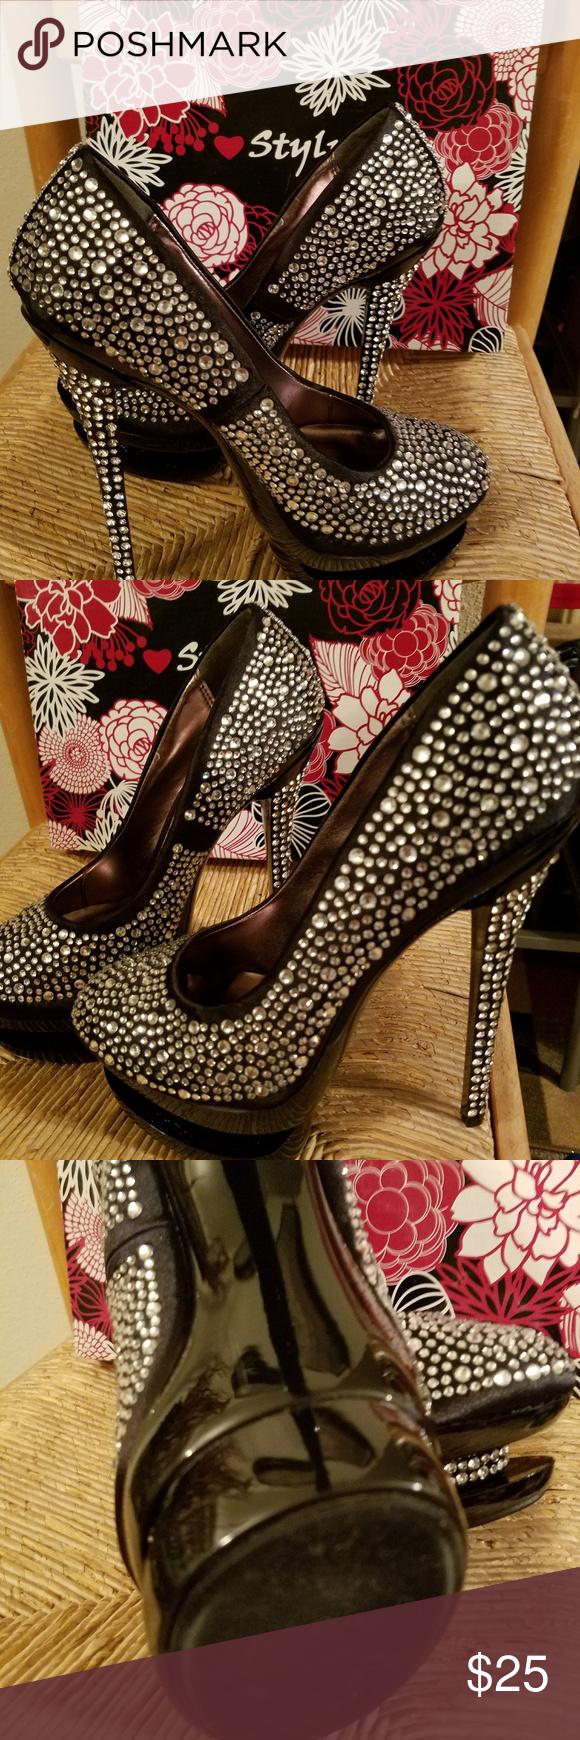 Ladies Embellished With Rhinestones All Over Nwt Heels Womens High Heels Black High Heels